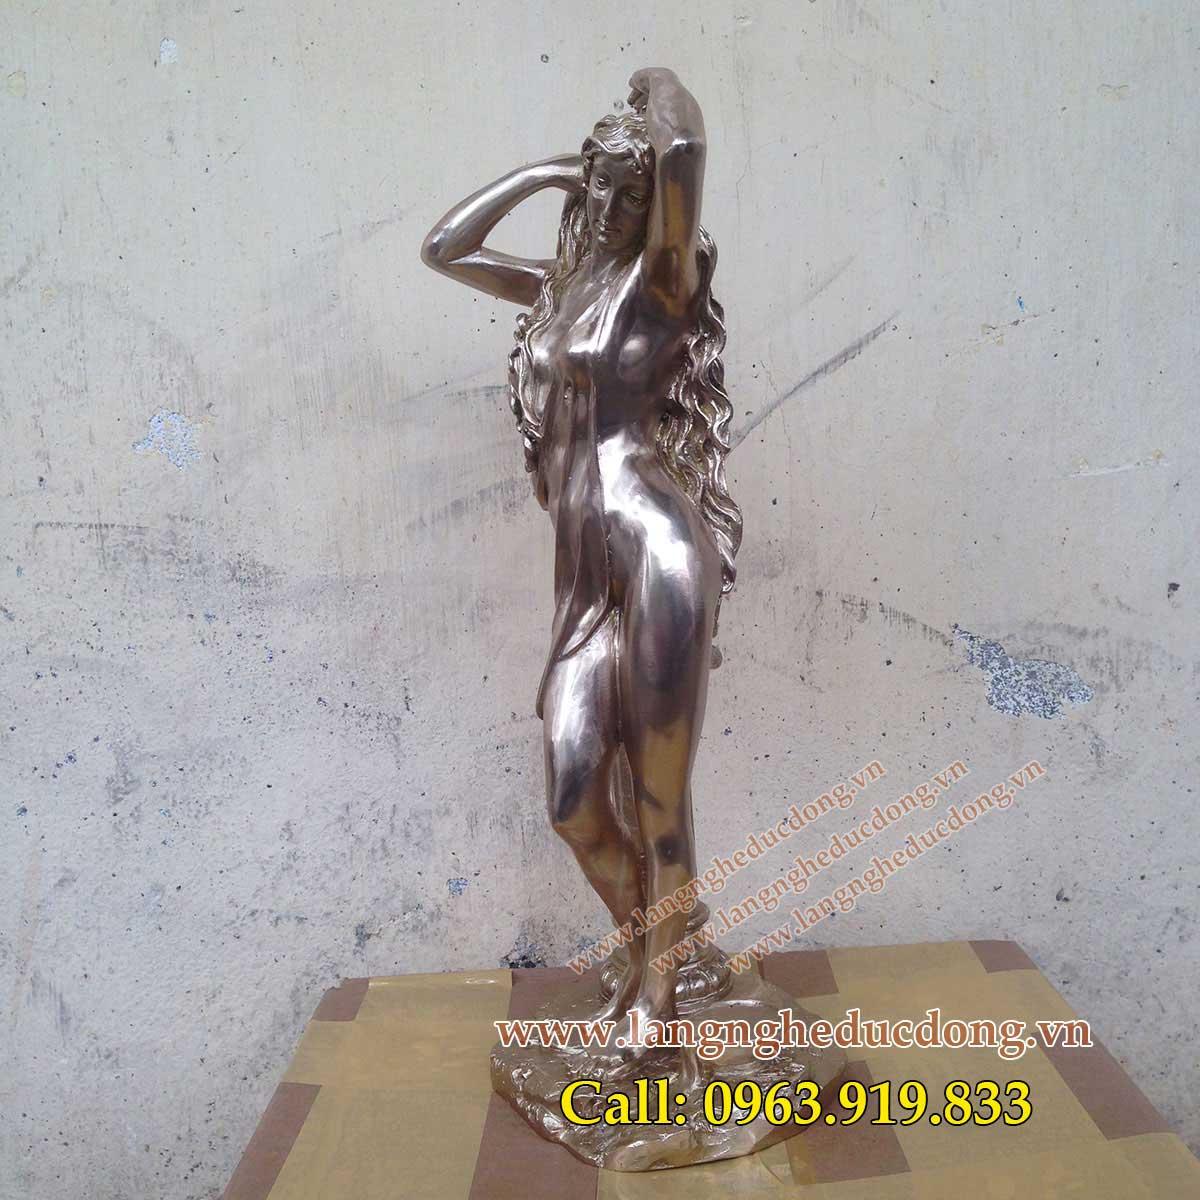 langngheducdong.vn - tượng đồng trang trí, tượng cô gái dùng trang trí phòng khách tủ kệ